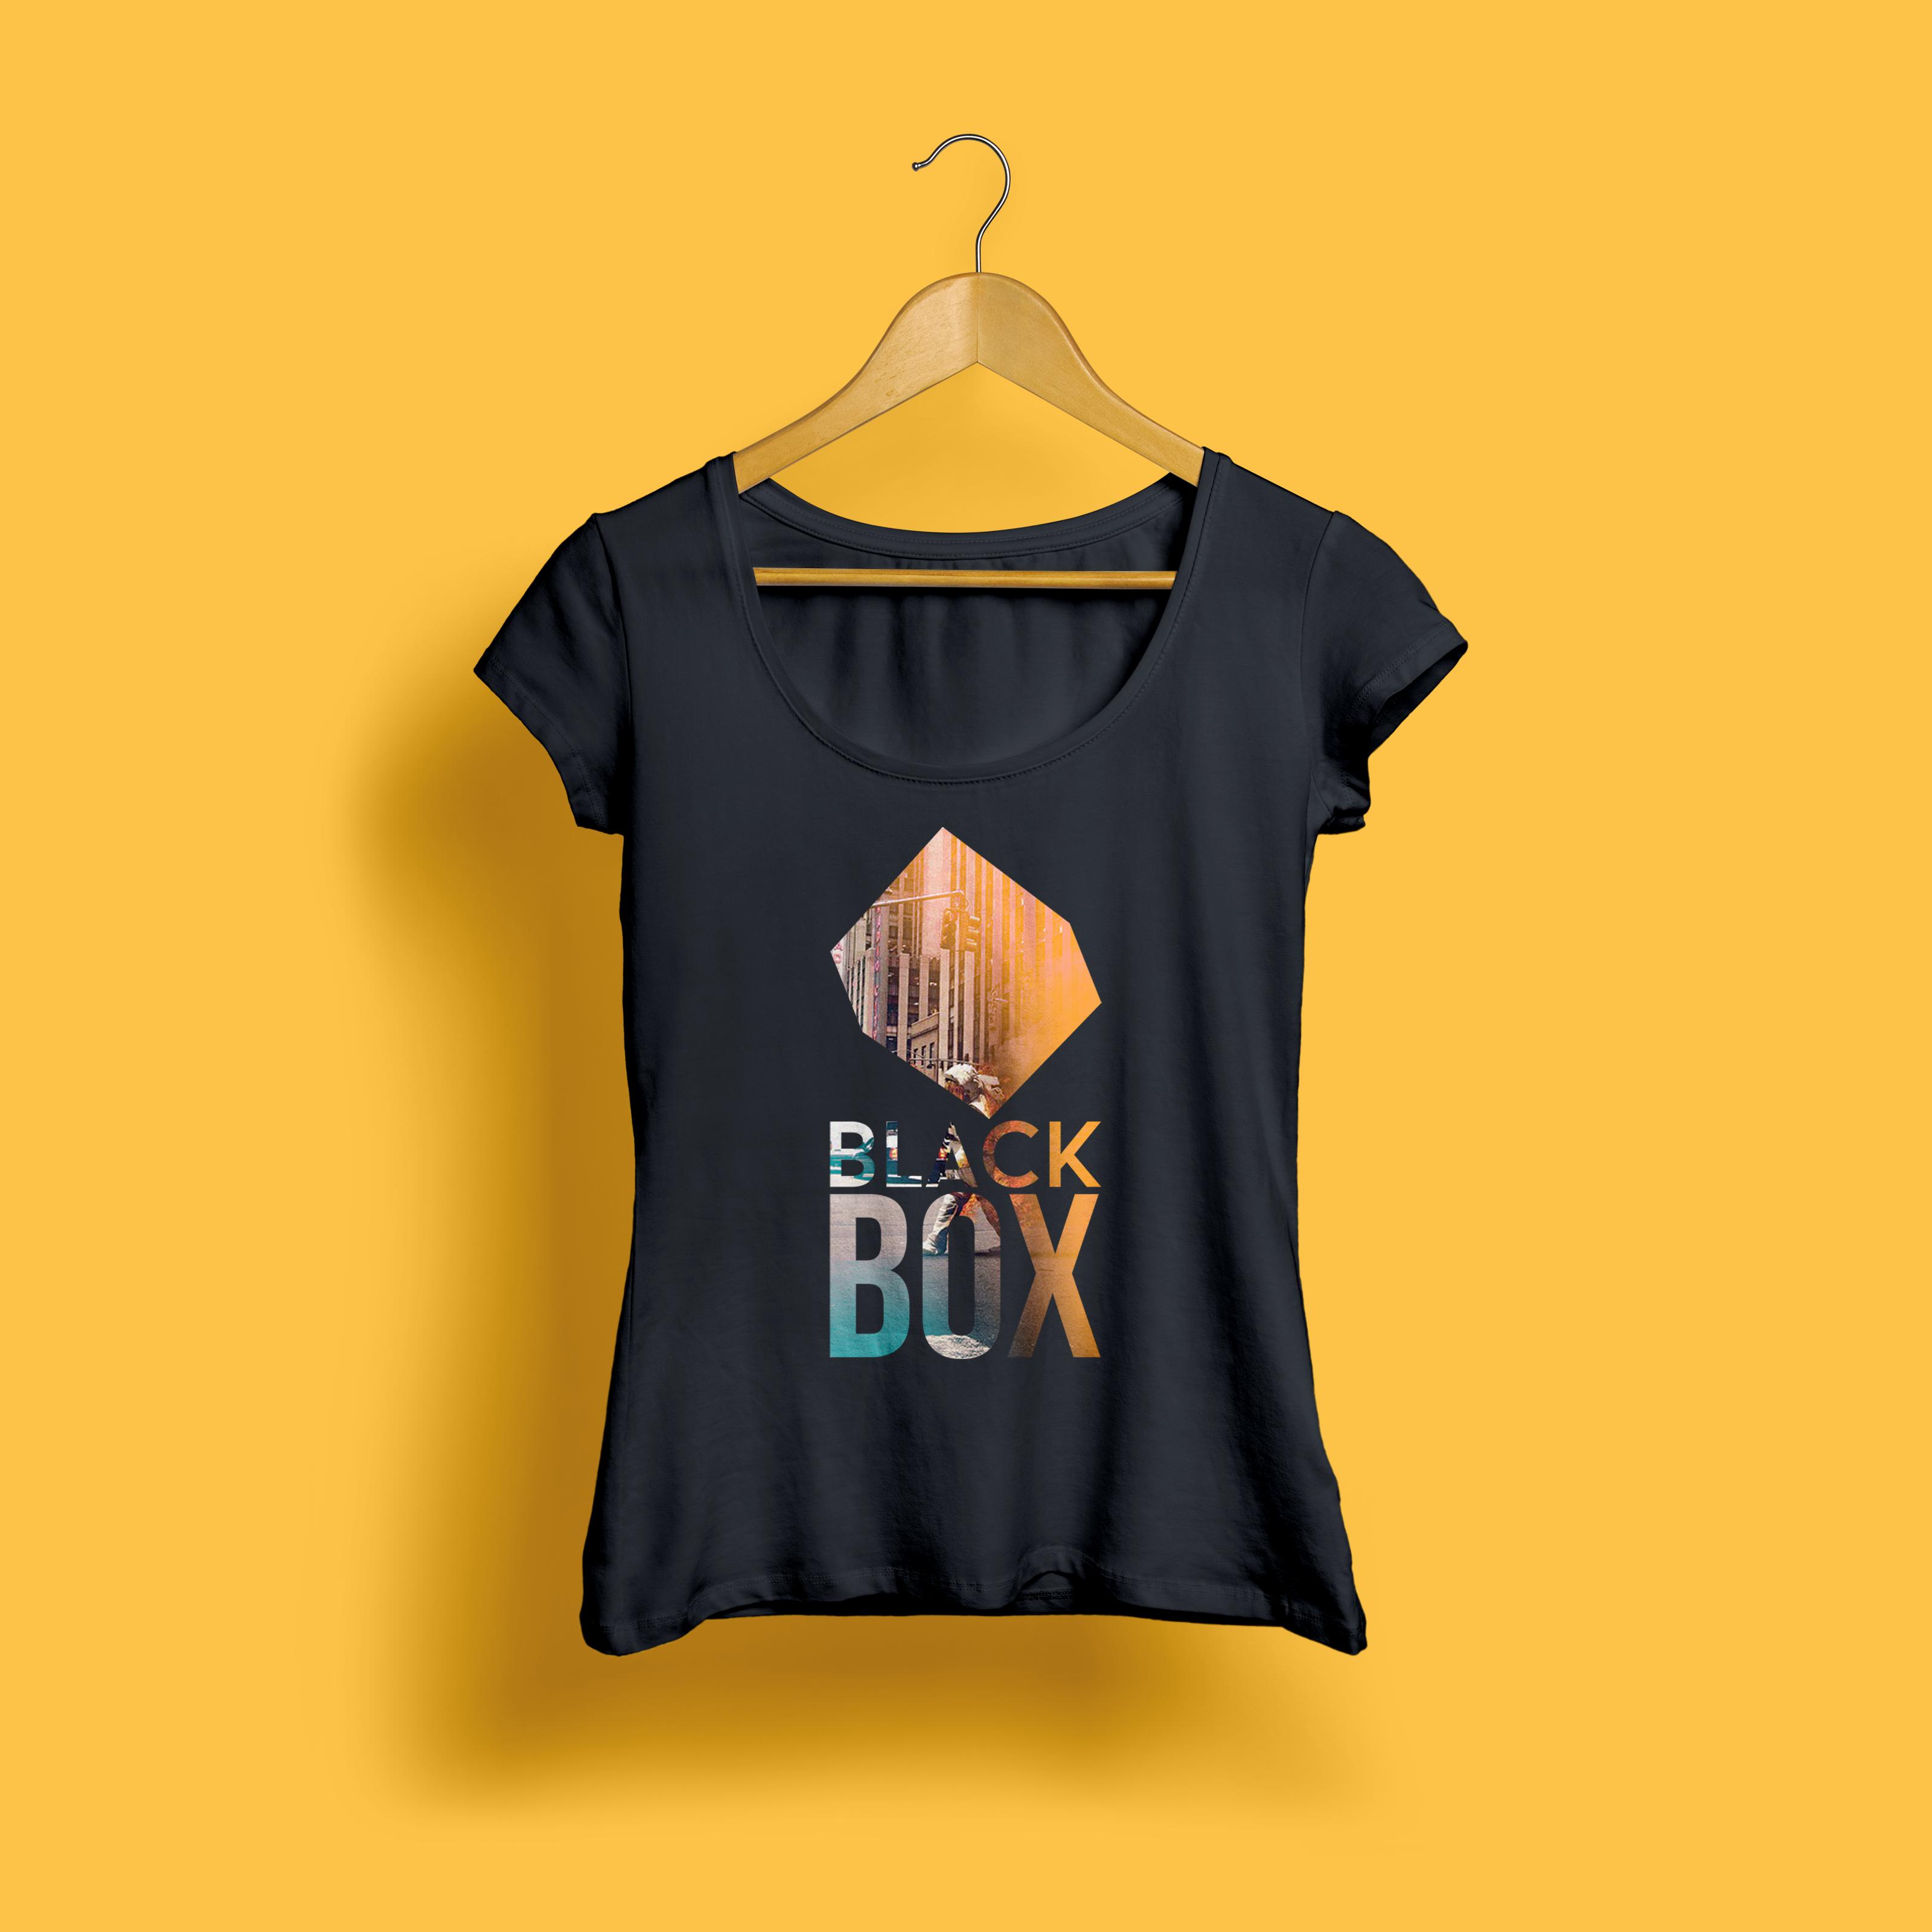 @tioroshii T-Shirt Black Box. Designer Tioroshi